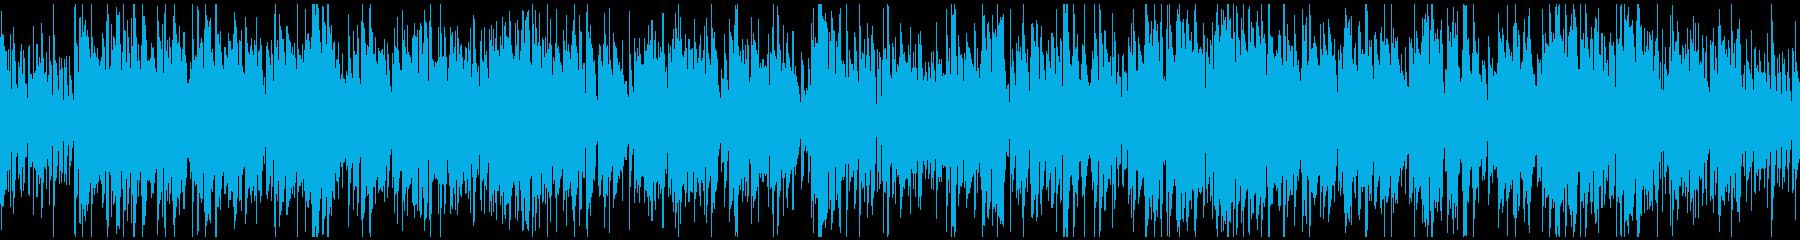 元気でかっこいいジャズ ※ループ仕様版の再生済みの波形